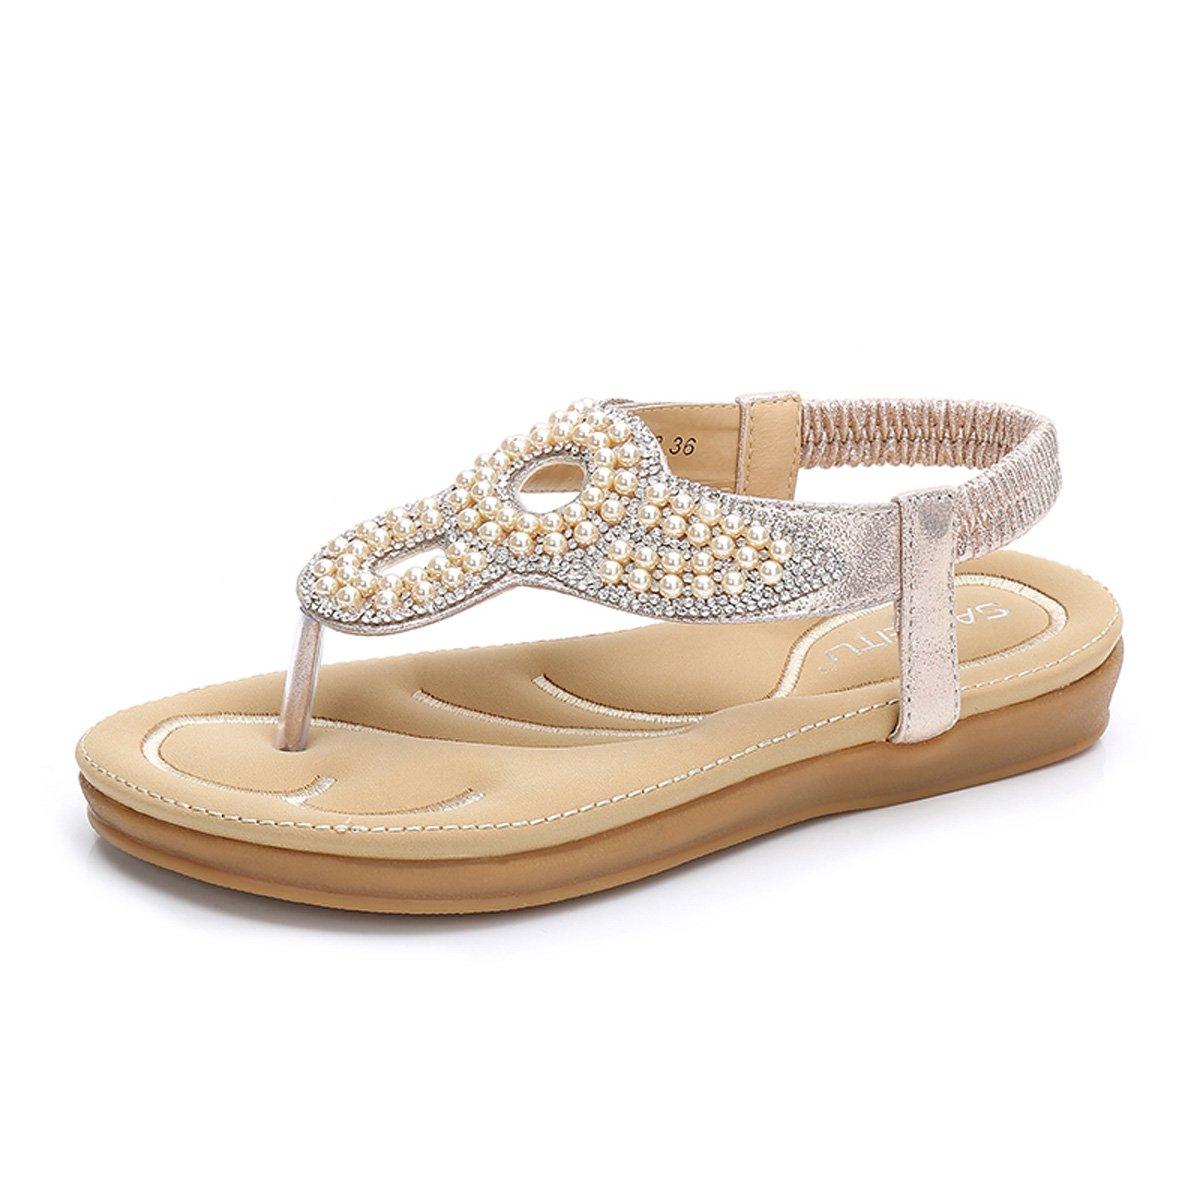 gracosy Damen Sandalen, Flip Flops Sommer Sandals Flach Zehentrenner T-Strap Offen Bouml;hmische Strand Schuhe  41 EU|Silberne-a